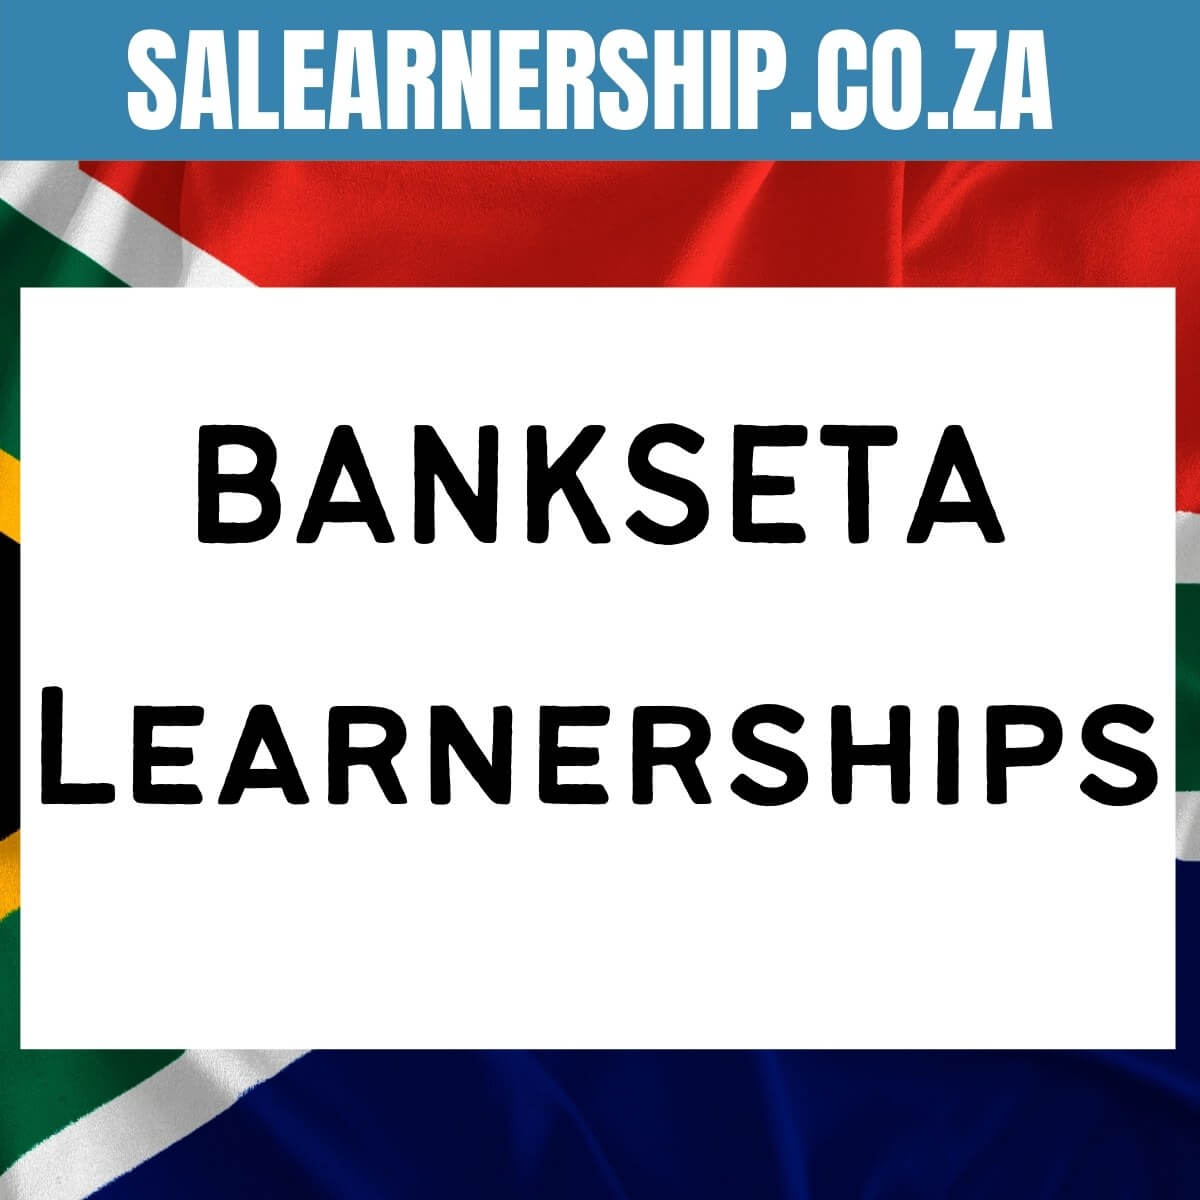 bankseta learnerships